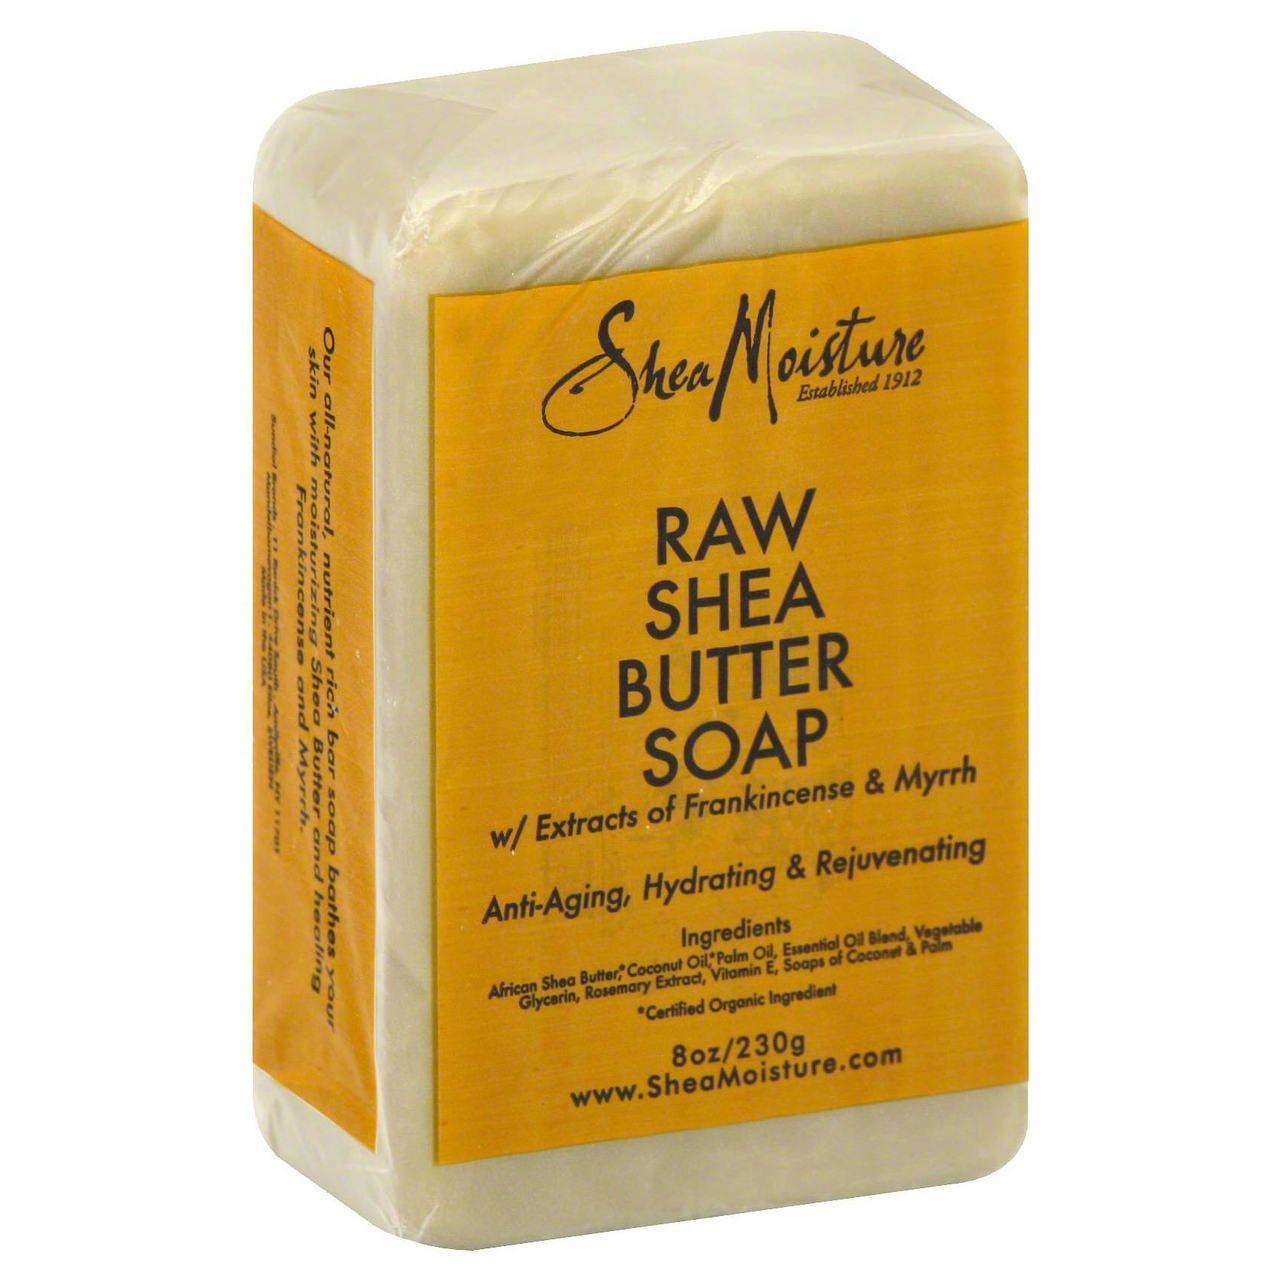 Shea Moisture Raw Shea Butter Soap - 8oz